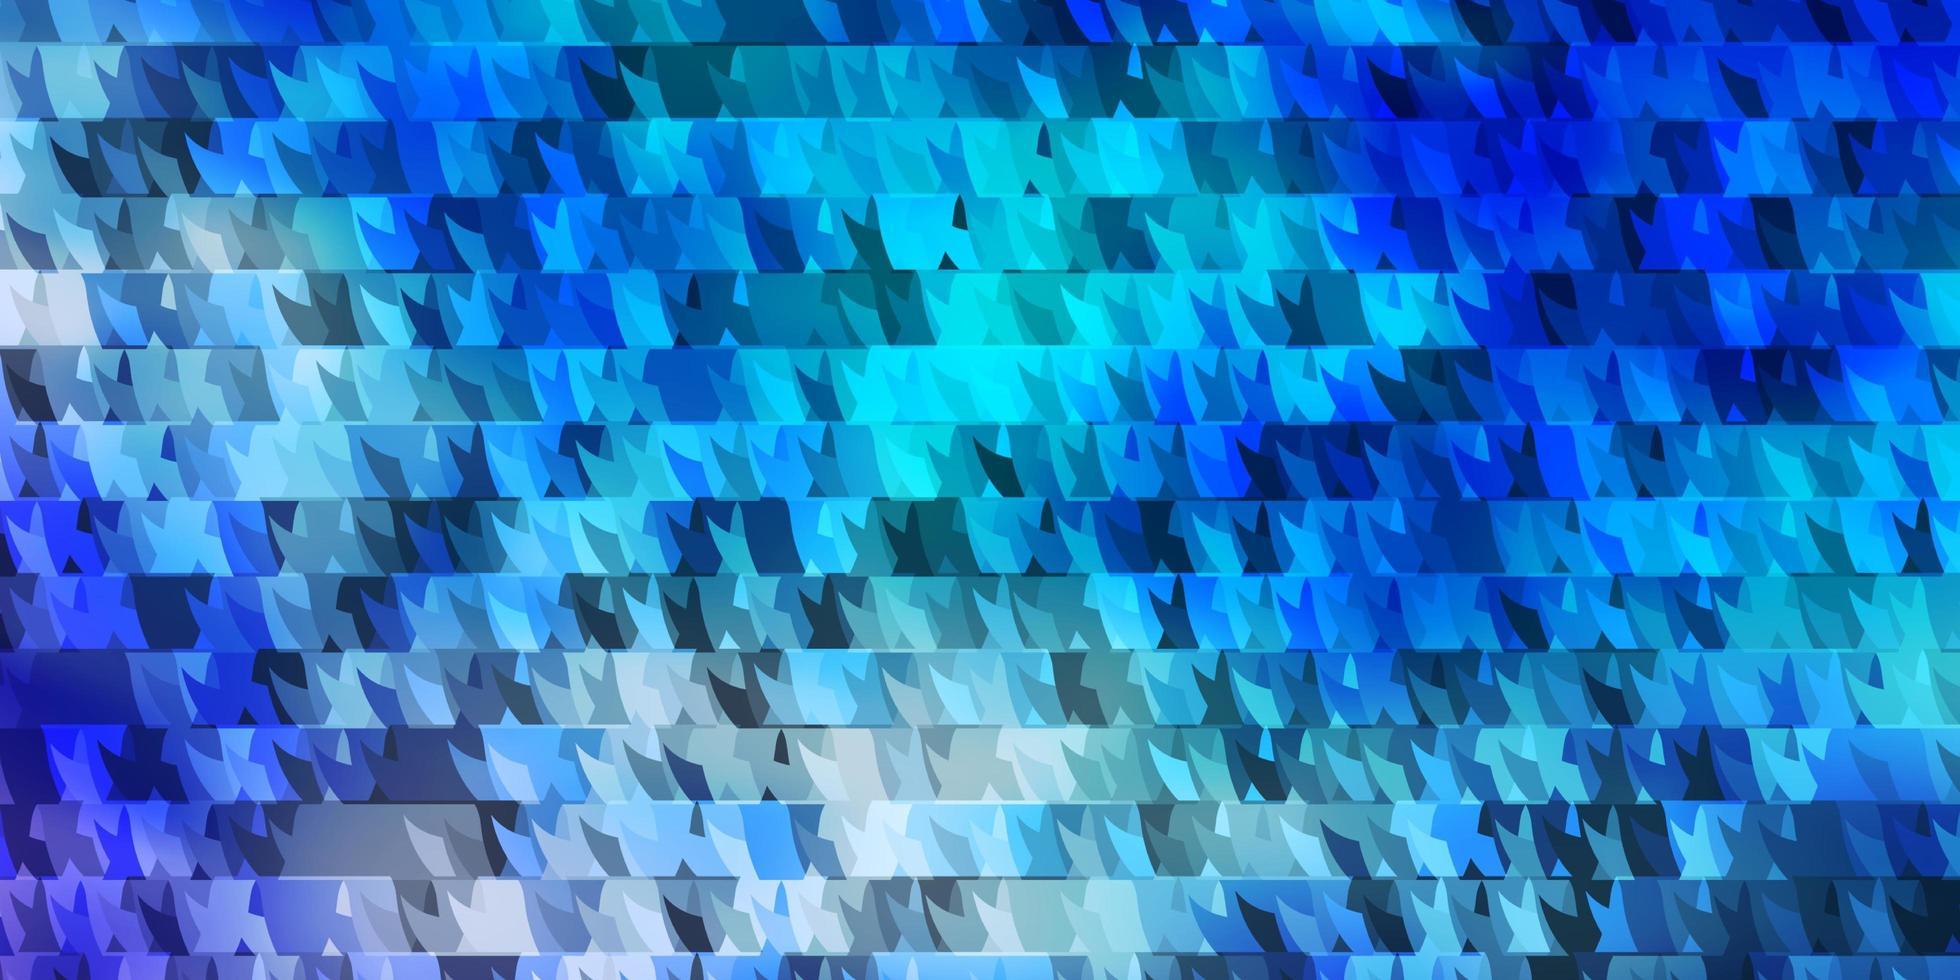 modello vettoriale azzurro, verde con linee, triangoli.